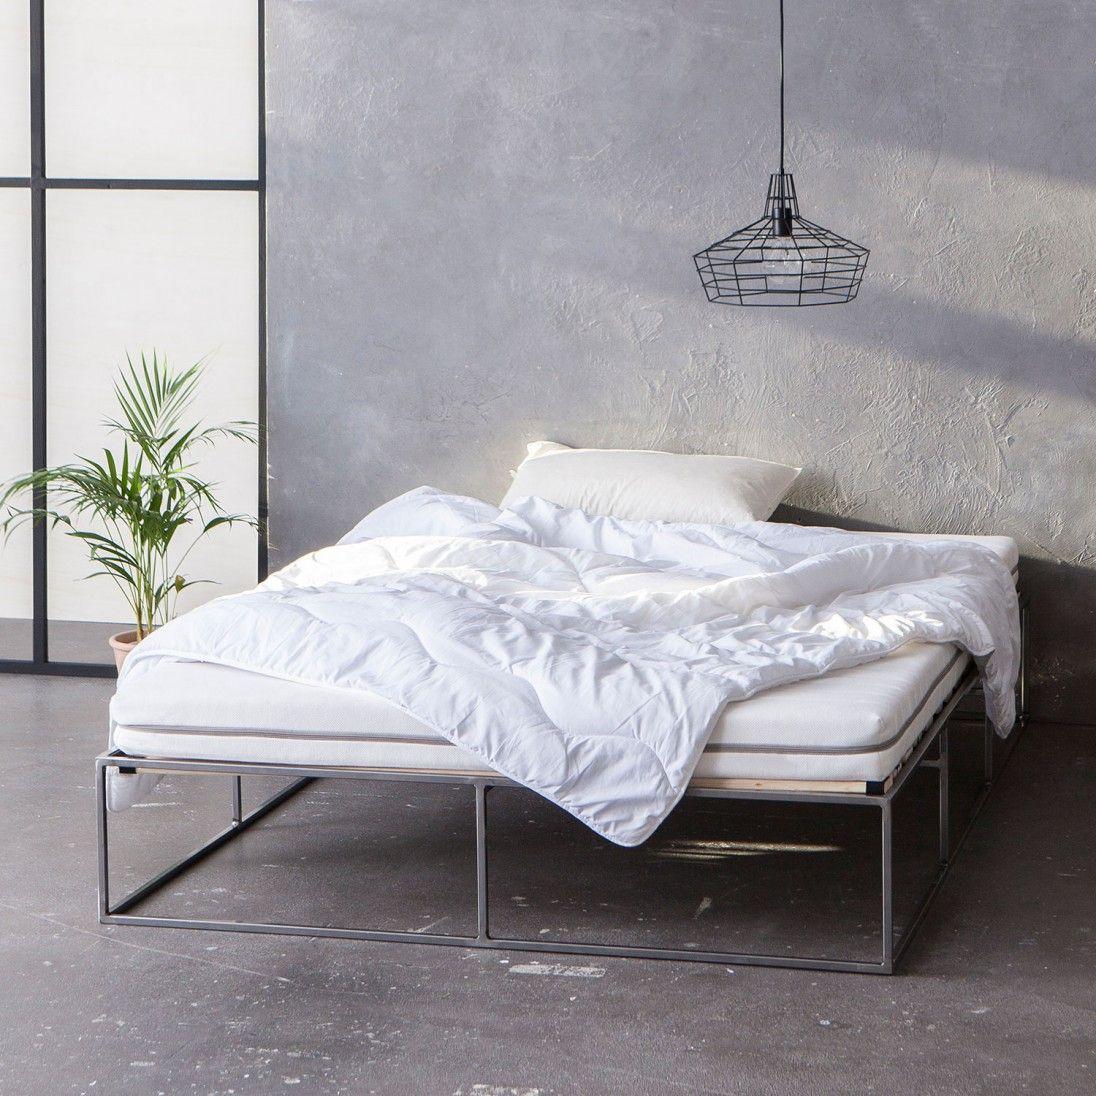 Metallbett stahlbett metal bed minimalistisch for Bett industriedesign